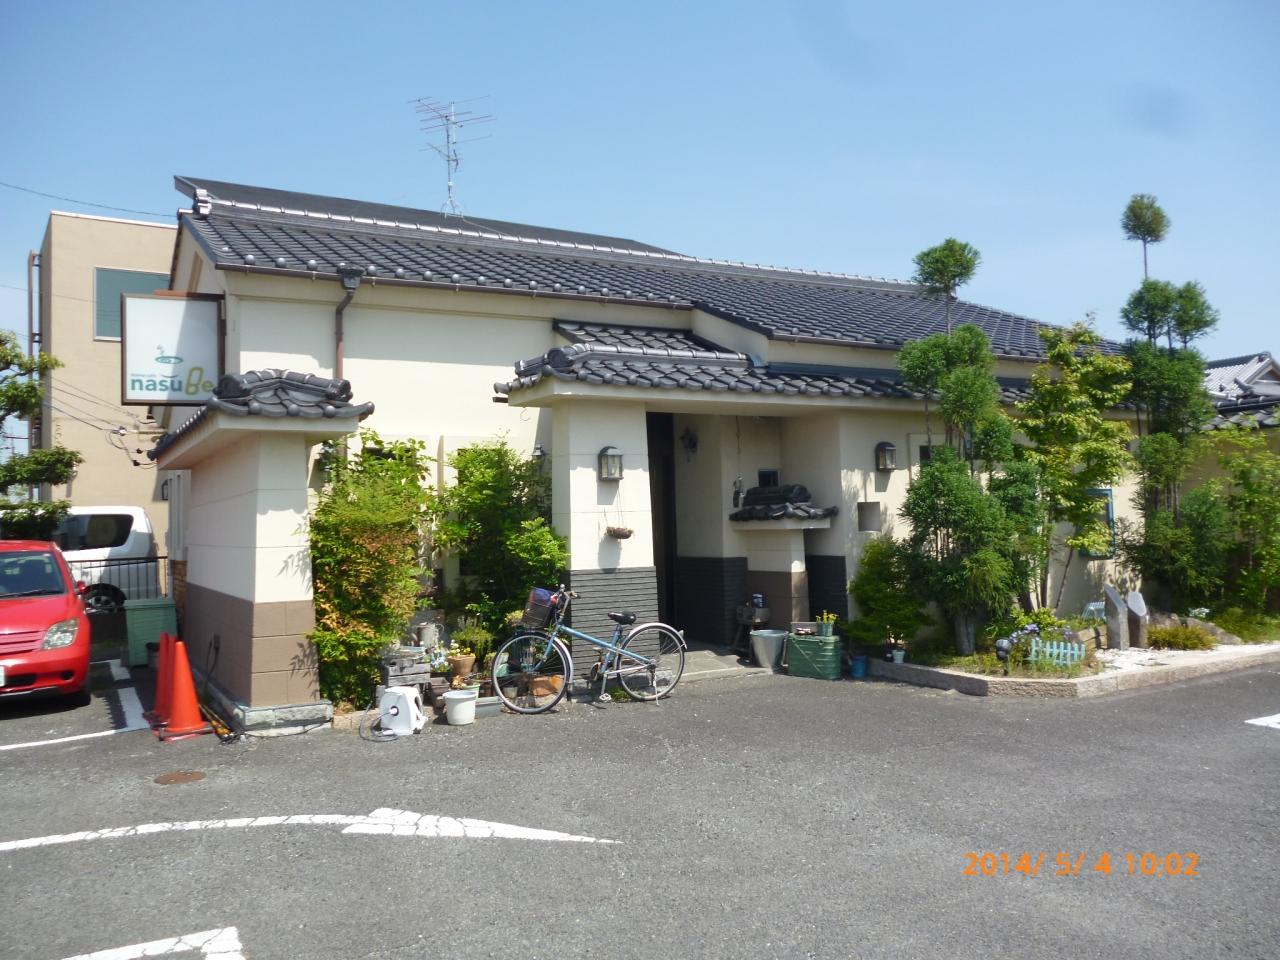 『扶桑町にある落ち着いた雰囲気の喫茶店』by Yoshi65さん|ナスビ ...